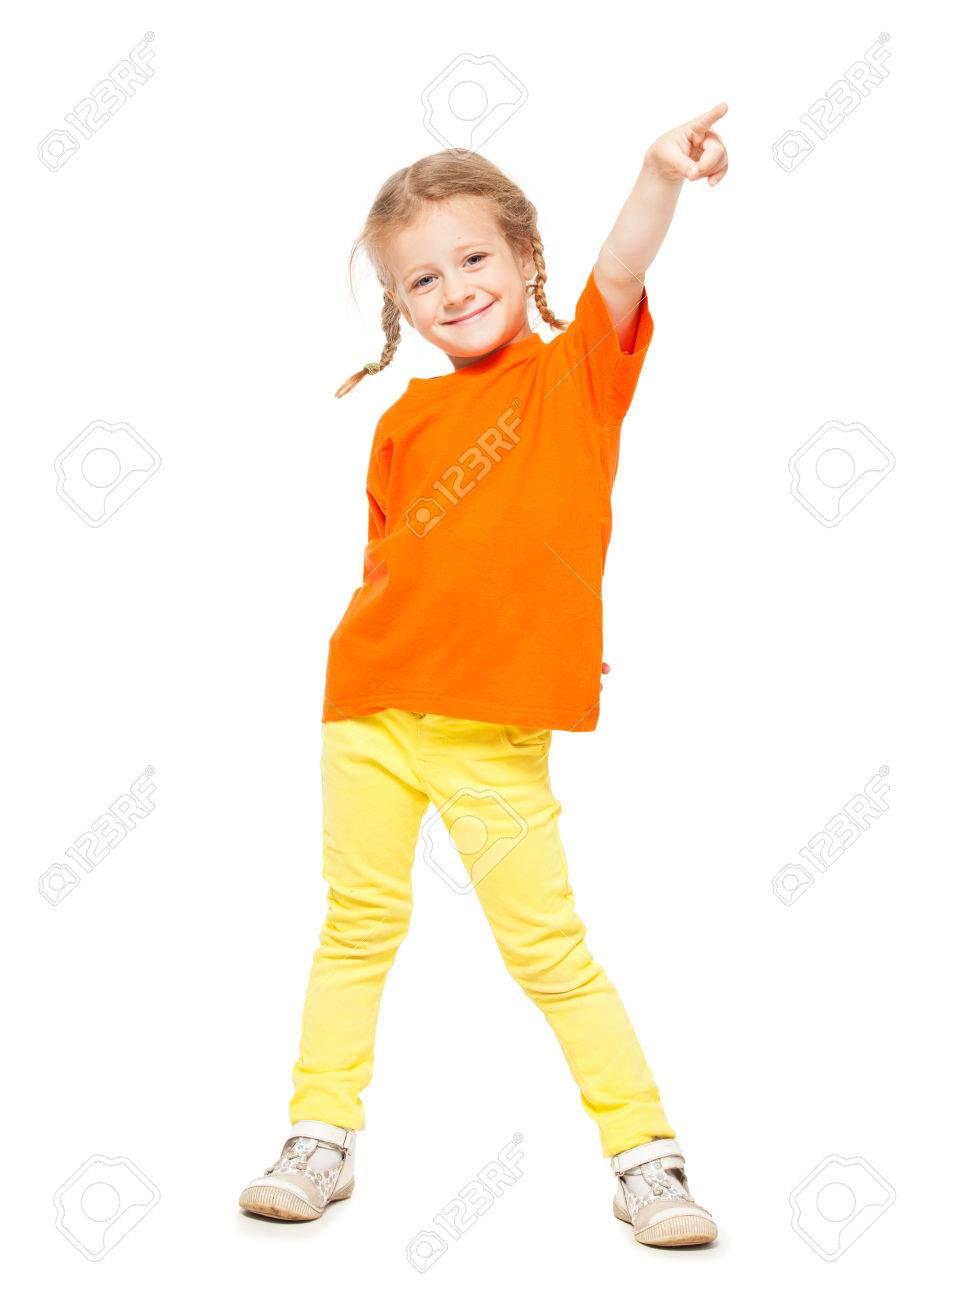 Nina En Pantalones Vaqueros De Color Amarillo Nino En El Fondo Blanco Fotos Retratos Imagenes Y Fotografia De Archivo Libres De Derecho Image 31281788